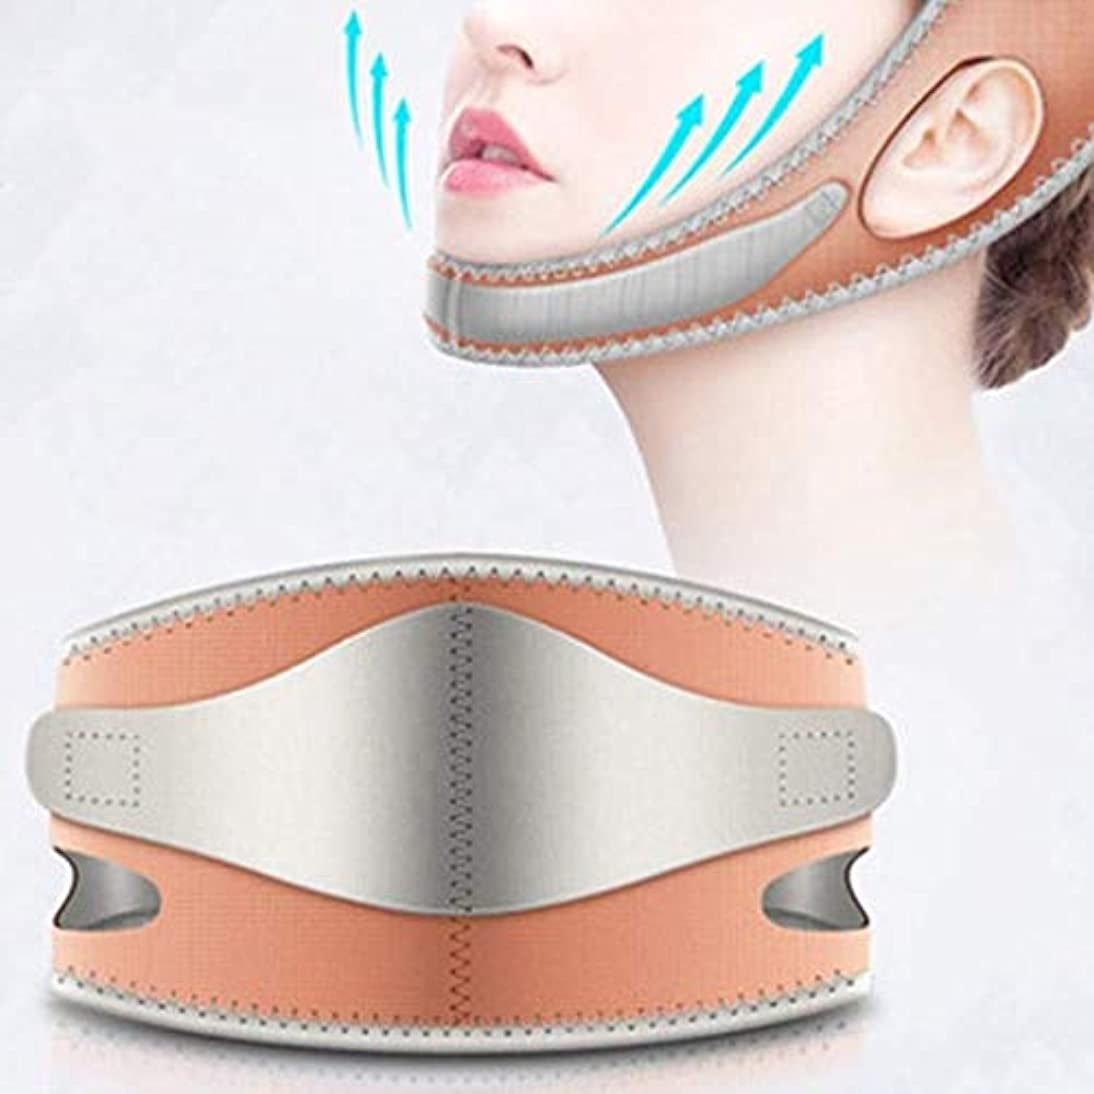 和下手先例フェイスリフティング痩身Vフェイスマスクフルカバレッジ包帯減らす顔の二重あごケア減量美容ベルト通気性